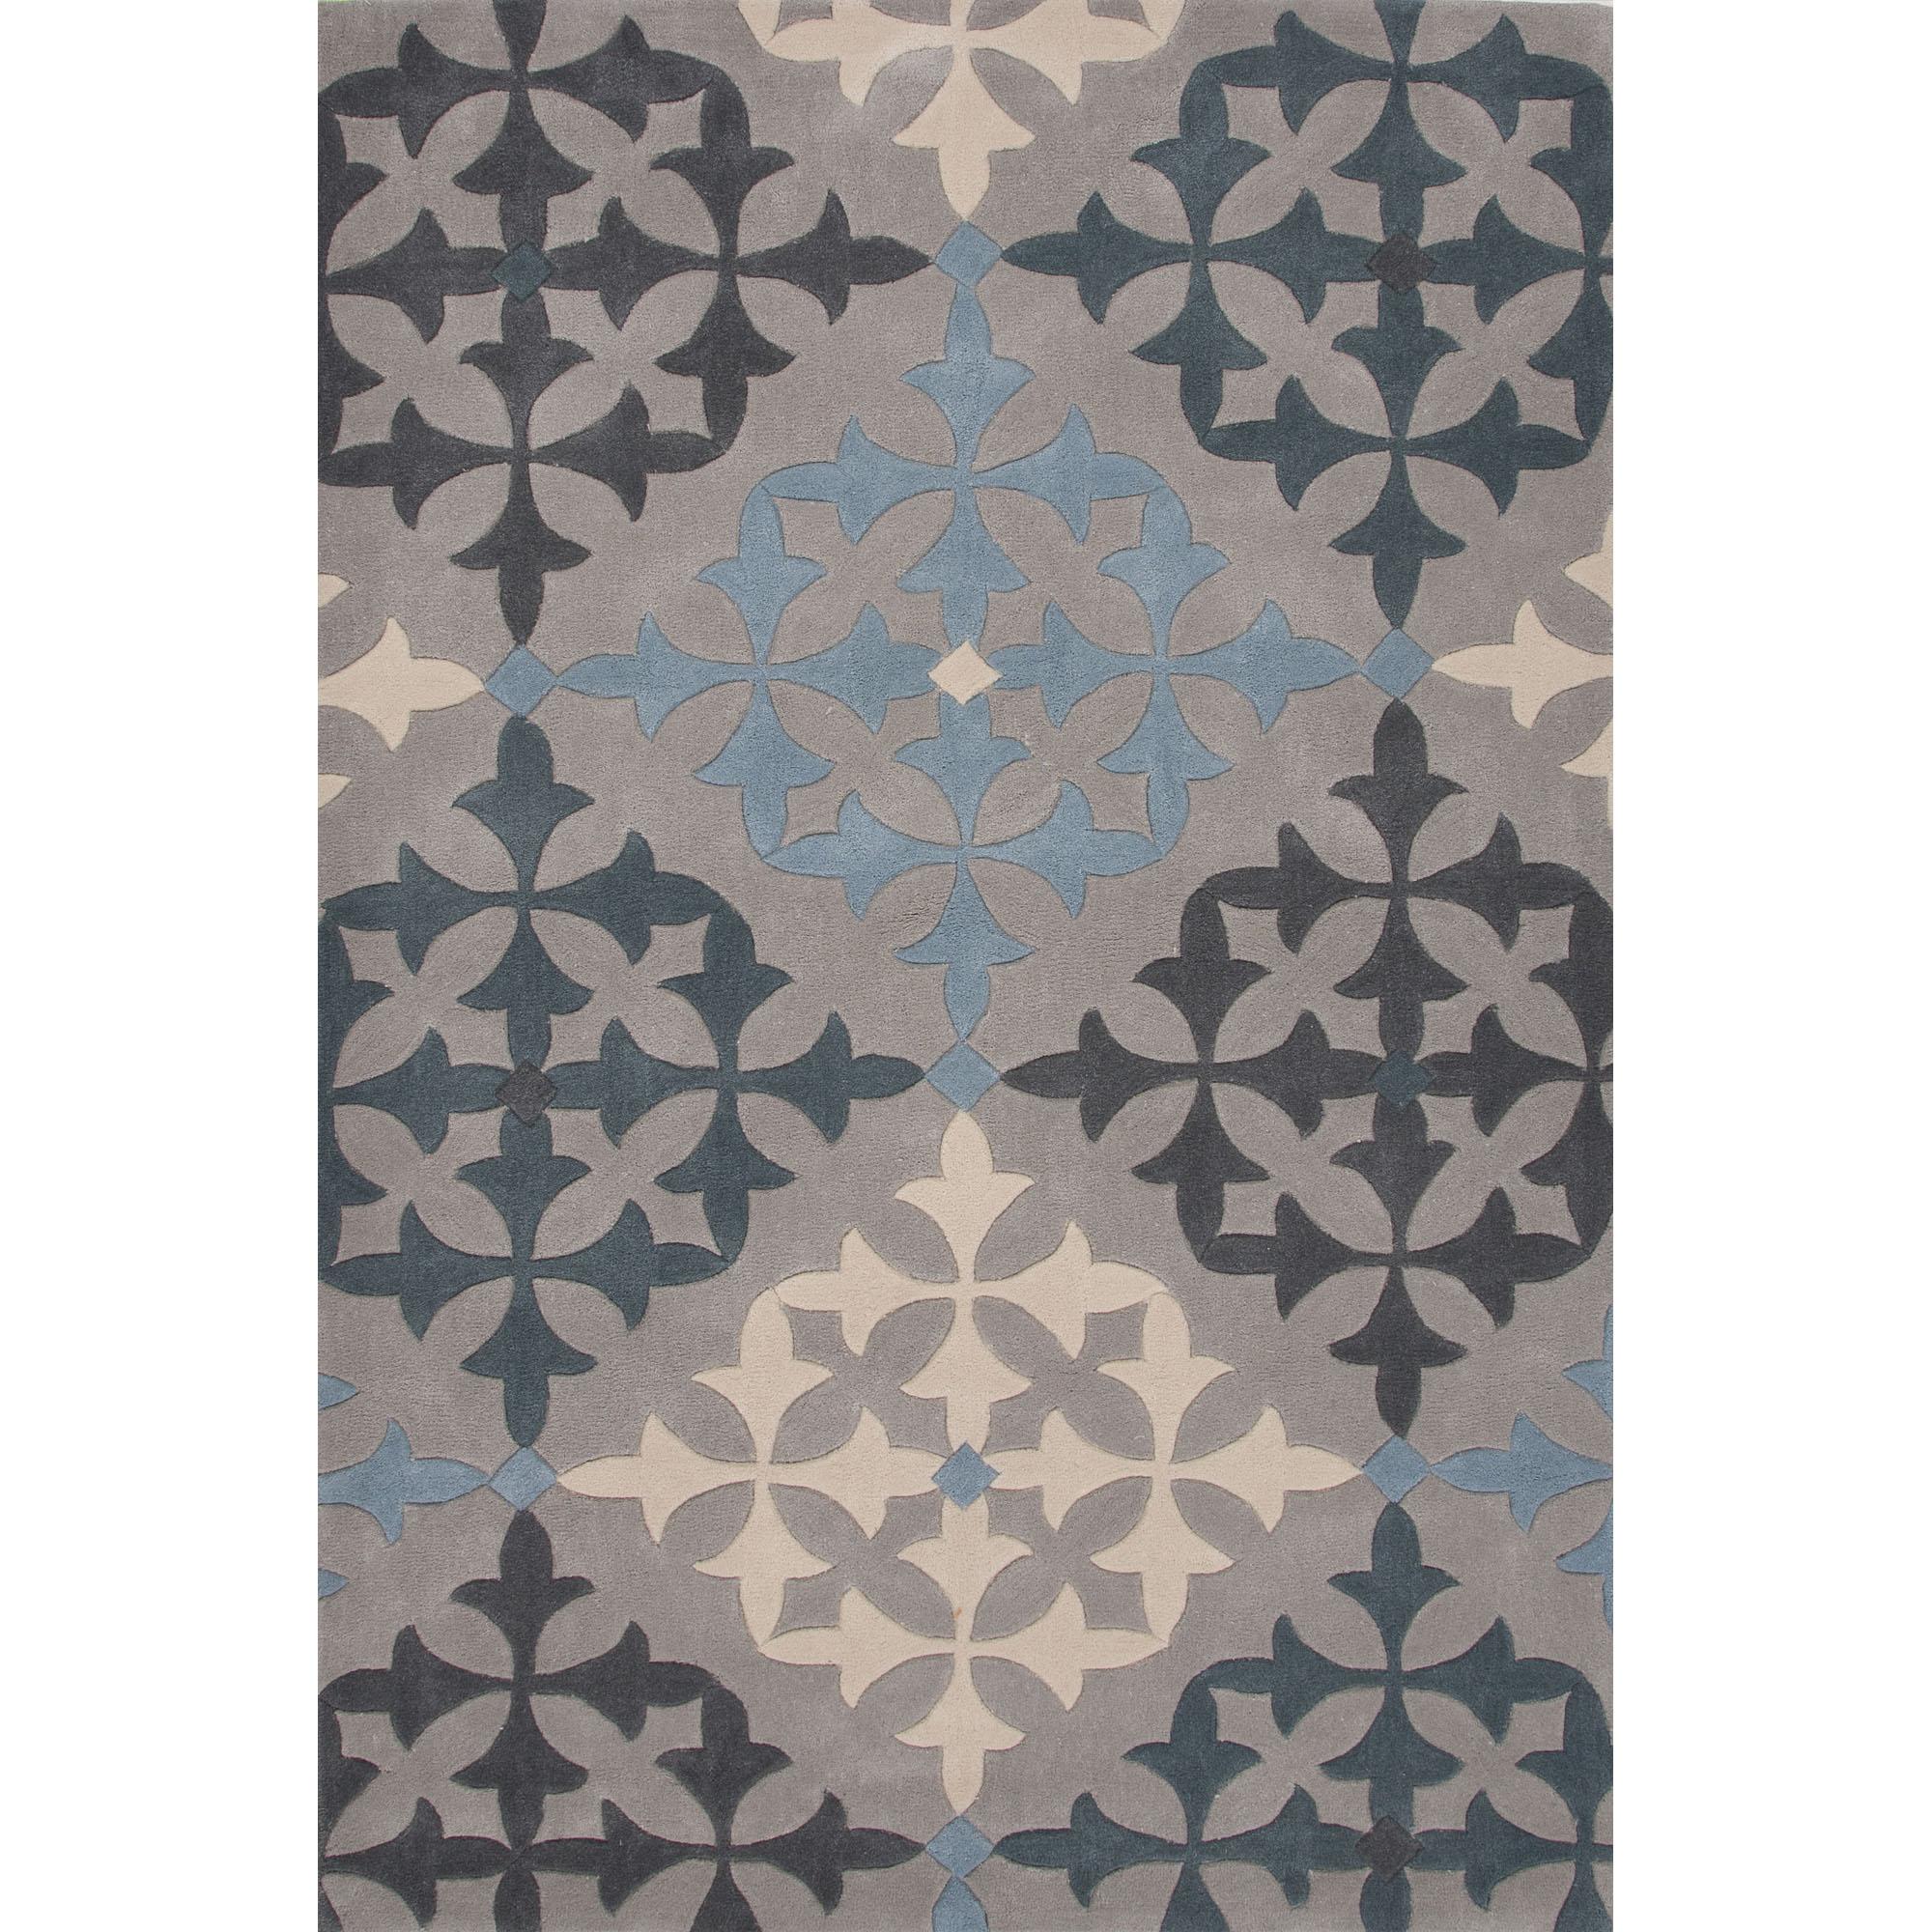 JAIPUR Rugs Hera 7.6 x 9.6 Rug - Item Number: RUG122394